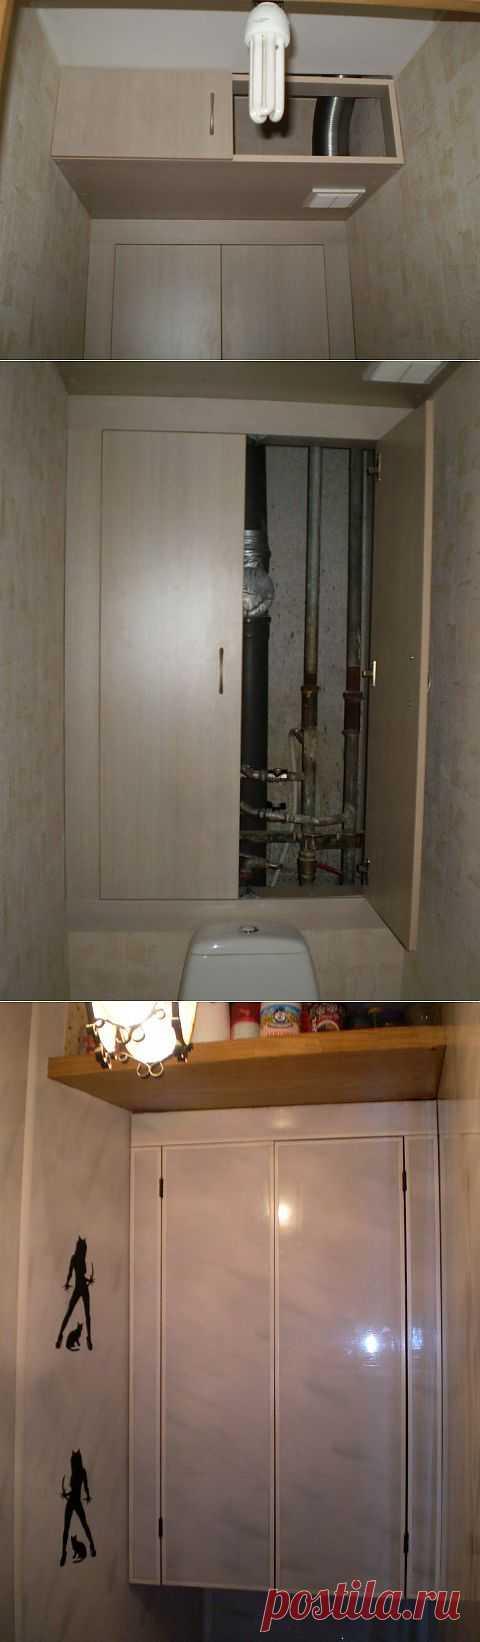 Сантехнический шкаф с антресолью. | СДЕЛАЙ САМ! Сантехнические шкафы дорогие, да и требуют дополнительной отделки. Вот решение.